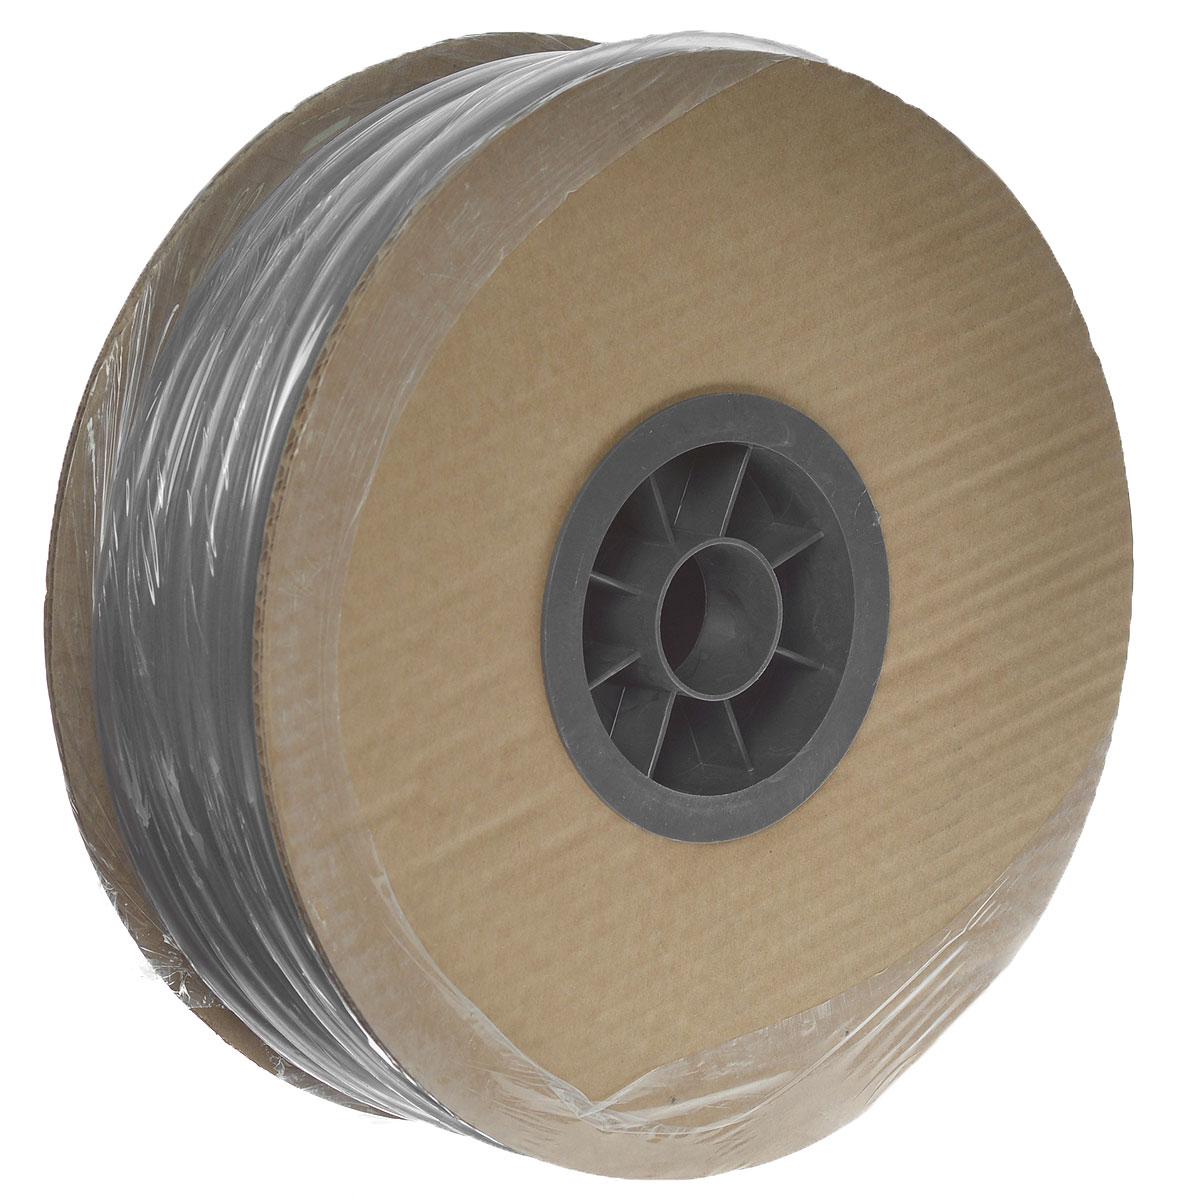 Шланг Кристалл однослойный неармированный 12X16 M.35 (657)18033-20.000.00Однослойный неармированный шланг пищевого качества Fitt Cristallo Extra изготовлен из прозрачного ПВХ. Шланг предназначен для транспортировки жидкостей без напора в диапазоне температур от -20°С до +60°С. Можно применять для питьевой воды. Для использования без давления. Внешний диаметр шланга: 16 мм. Внутренний диаметр шланга: 12 мм.